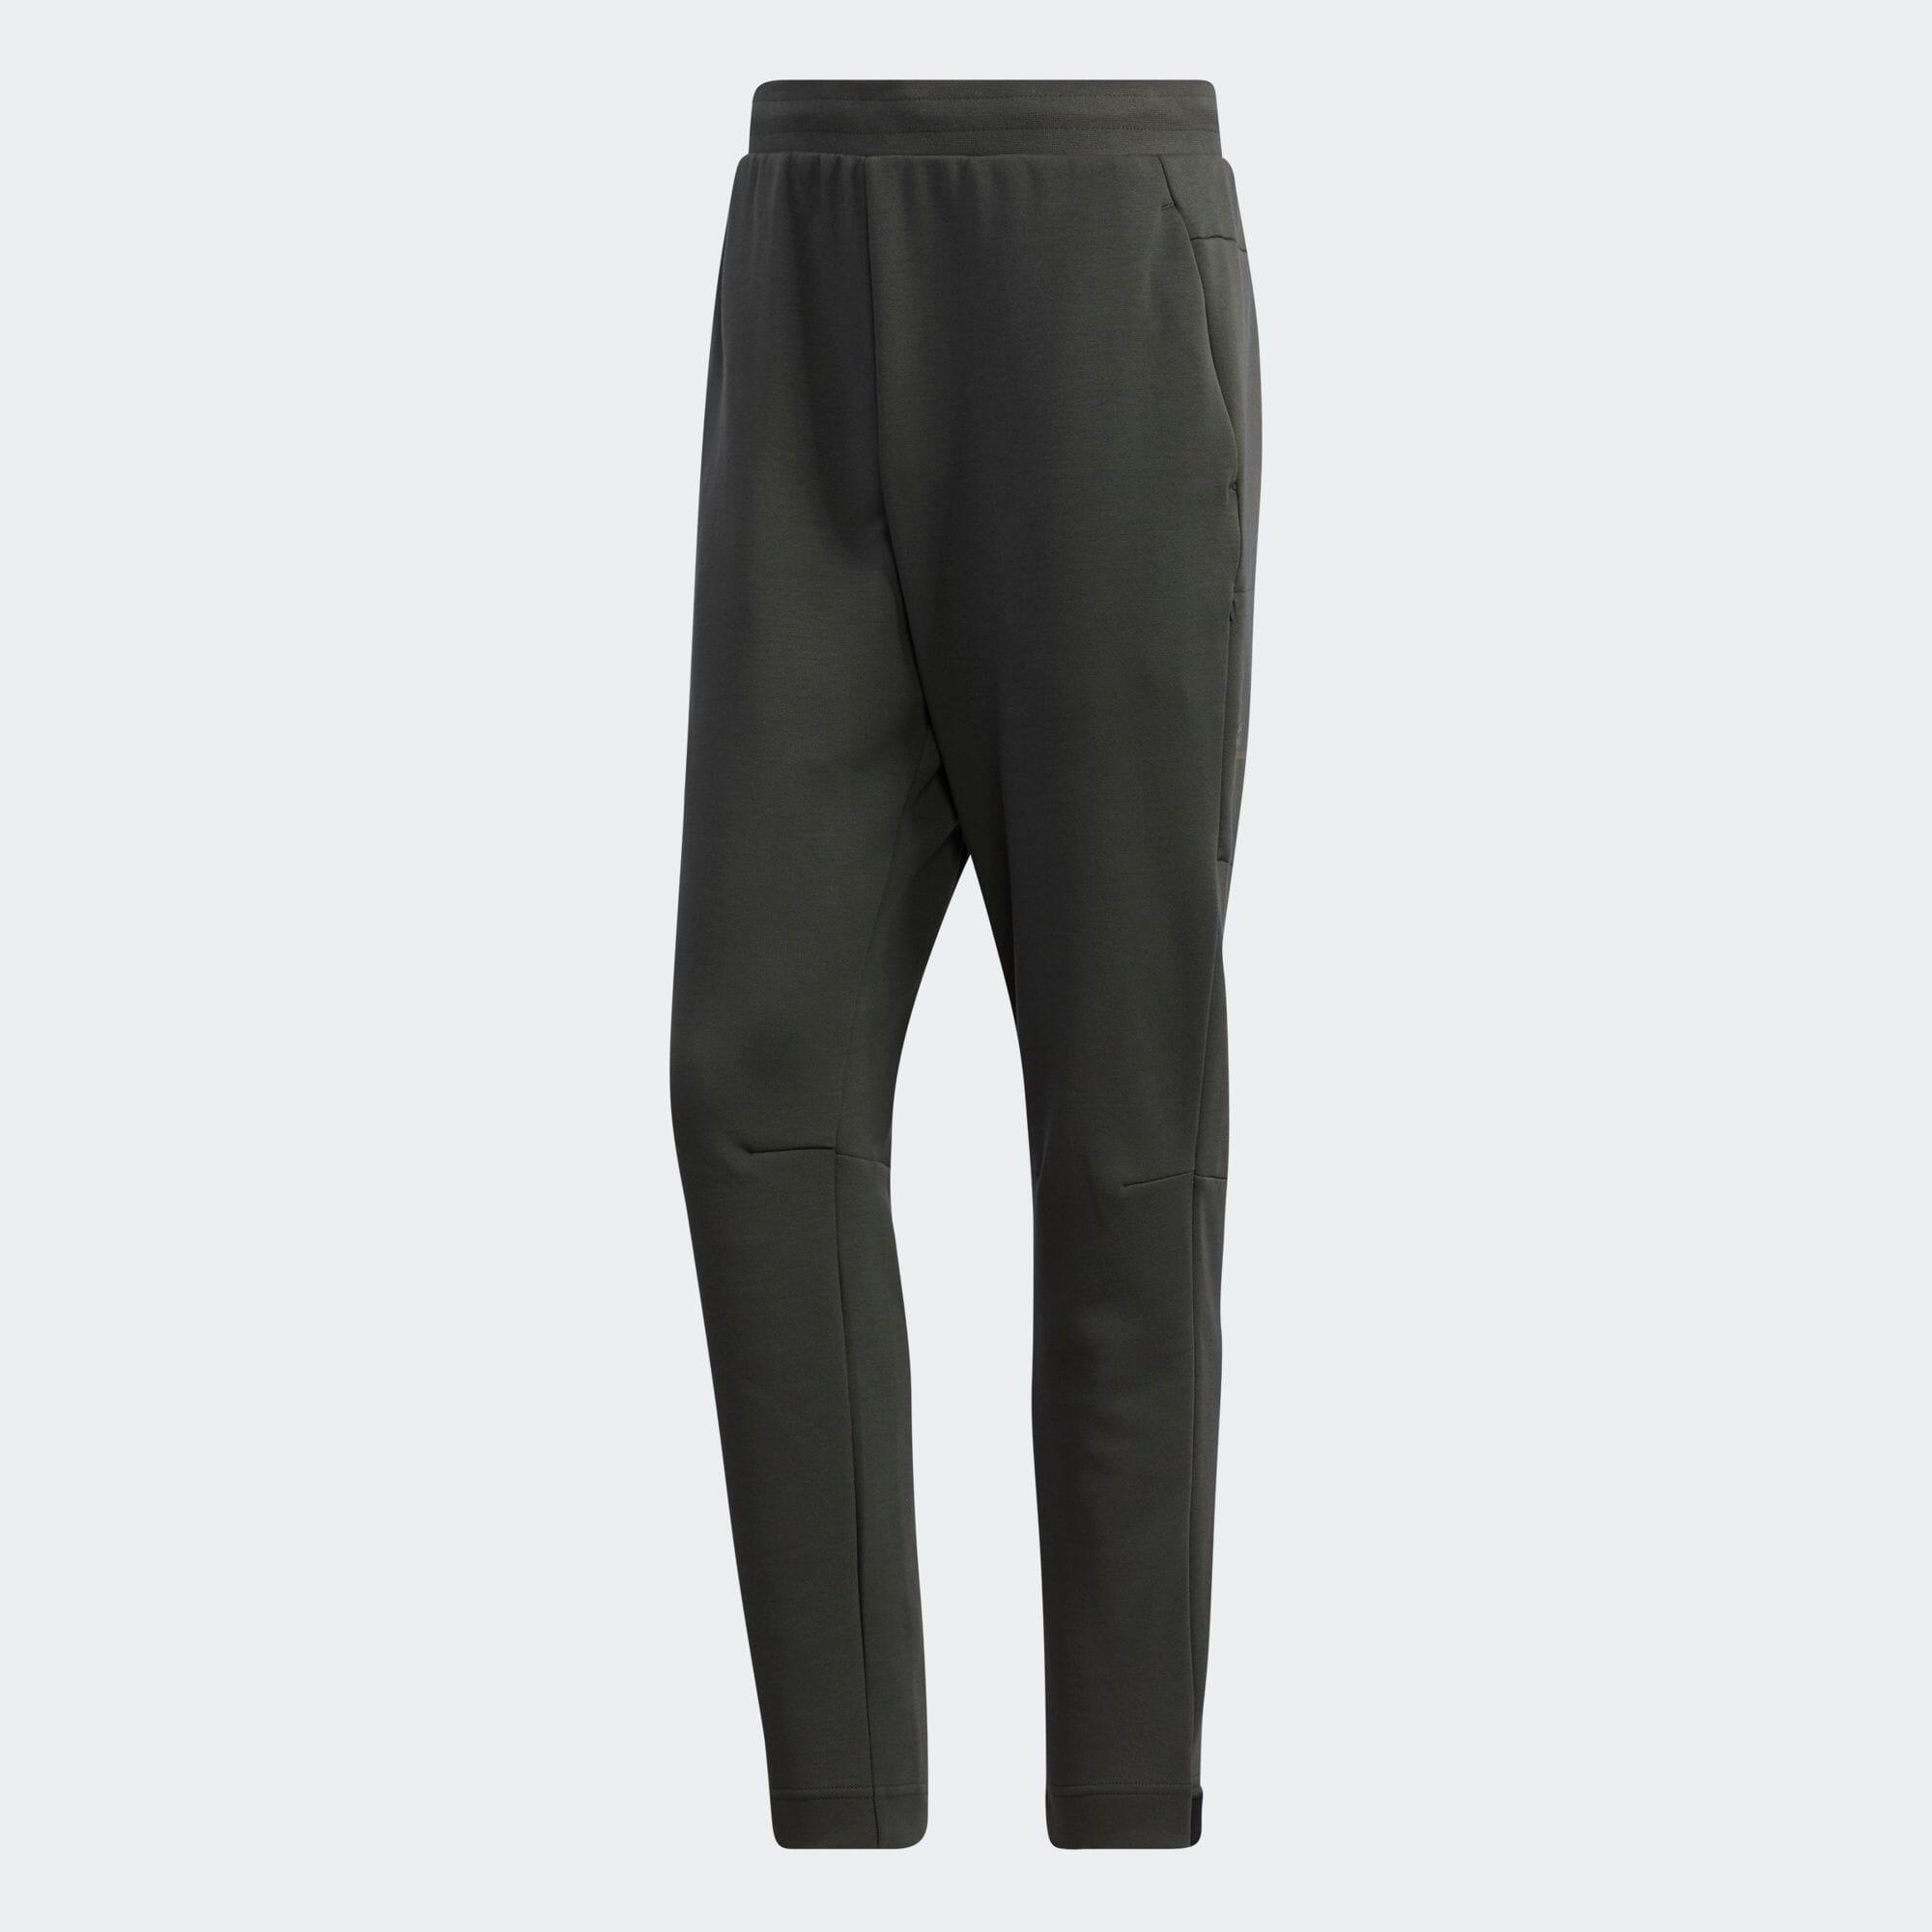 テック ID ニットパンツ / Tech ID Knit Pants